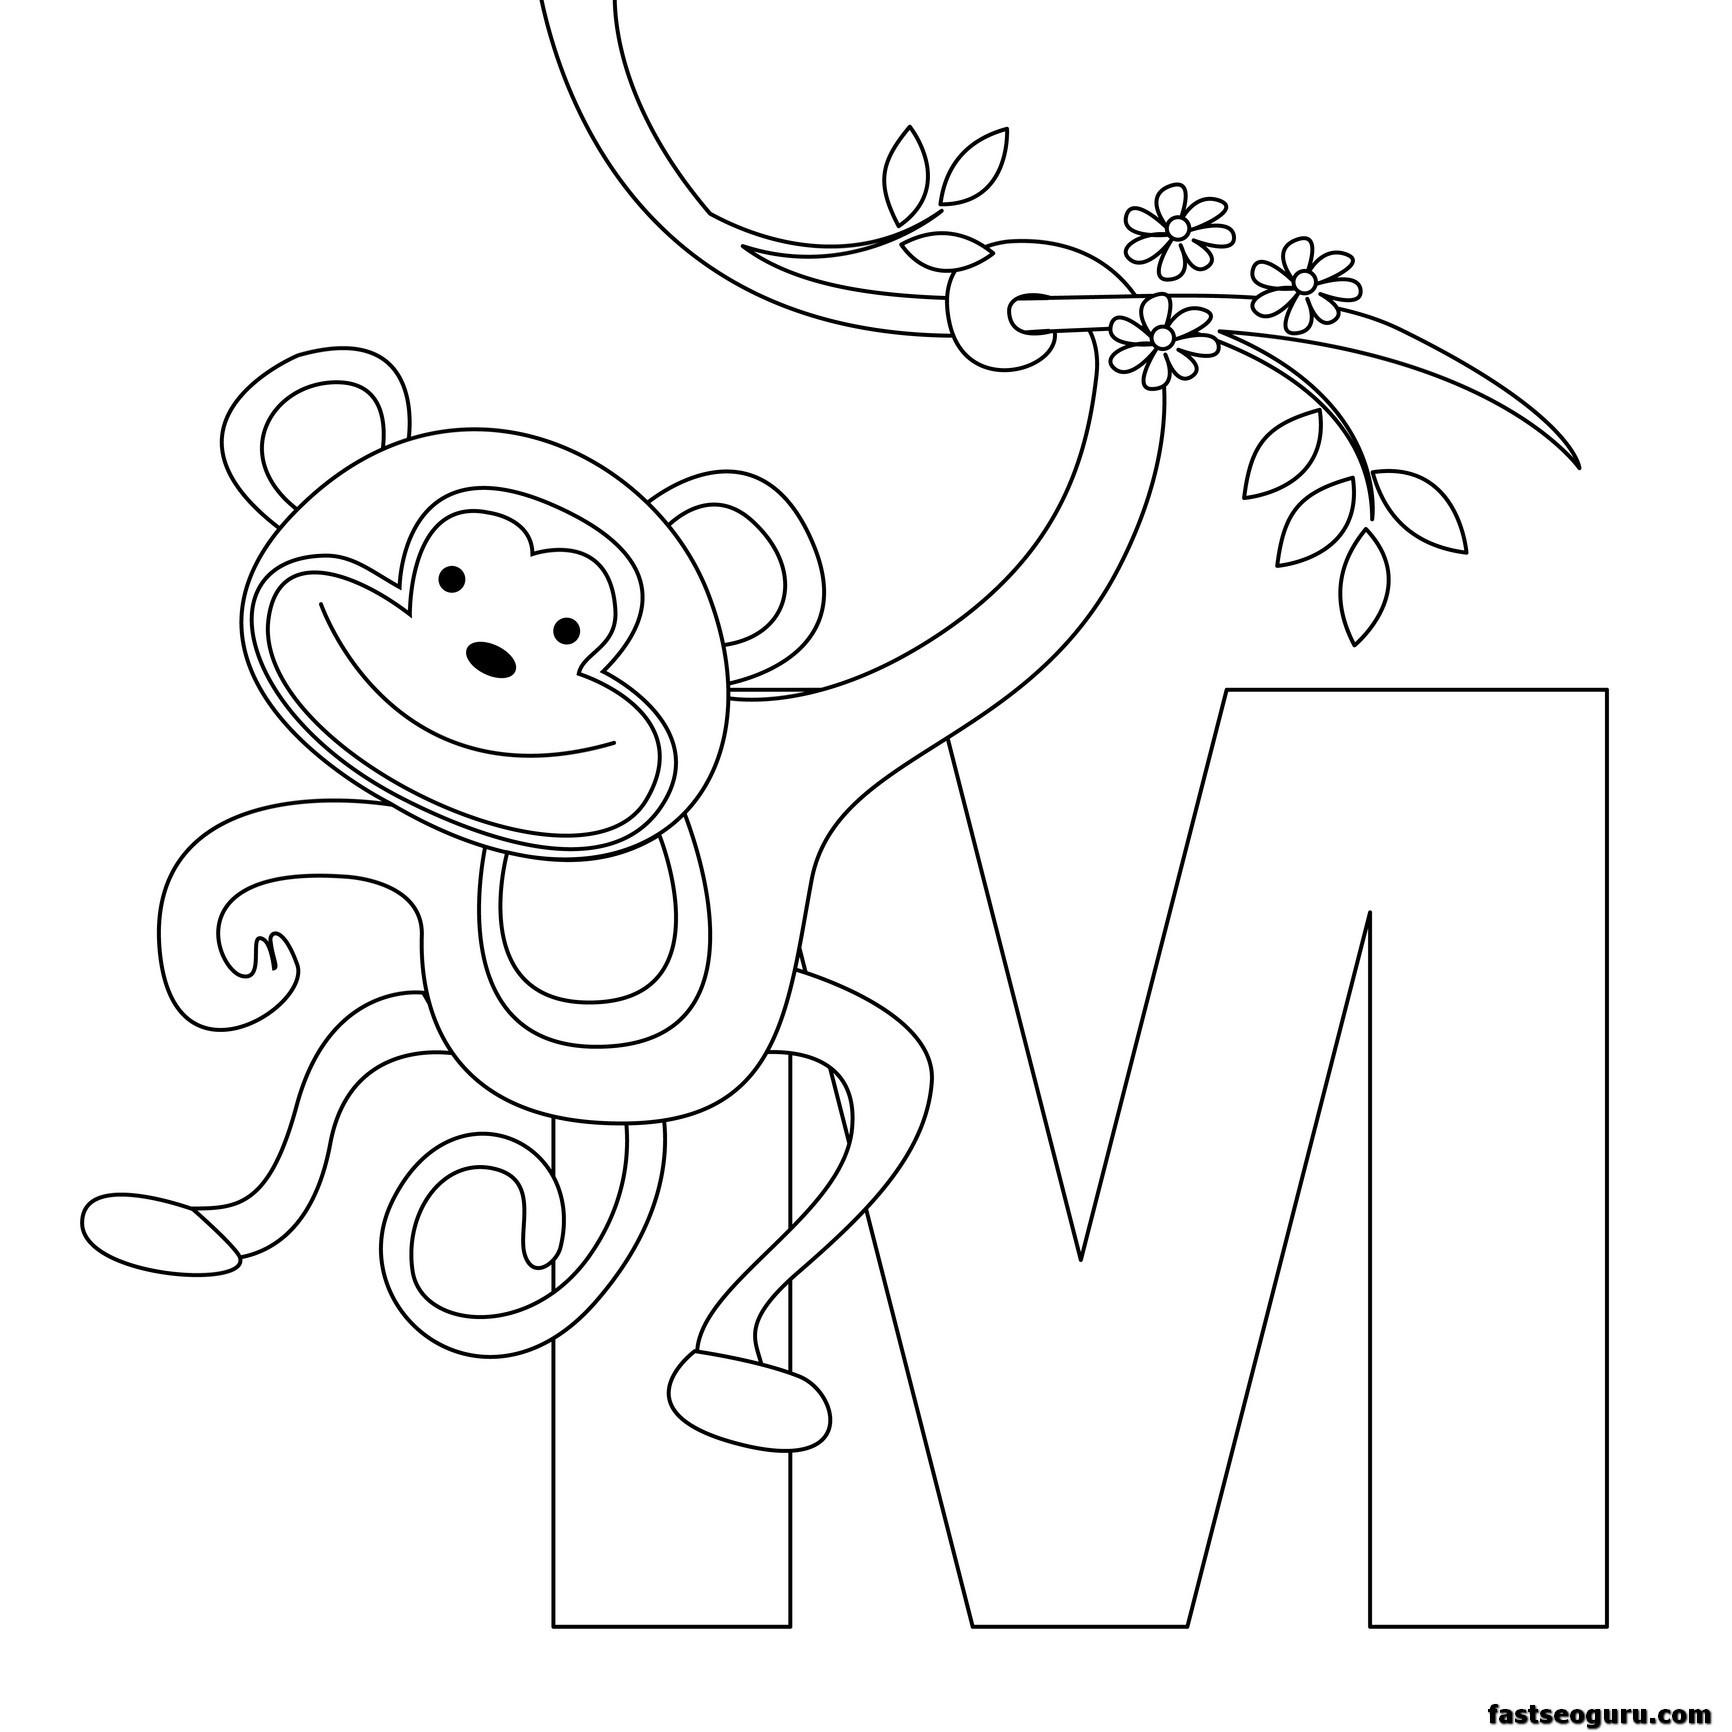 Printable Animal Alphabet Worksheets Letter M For Monkey